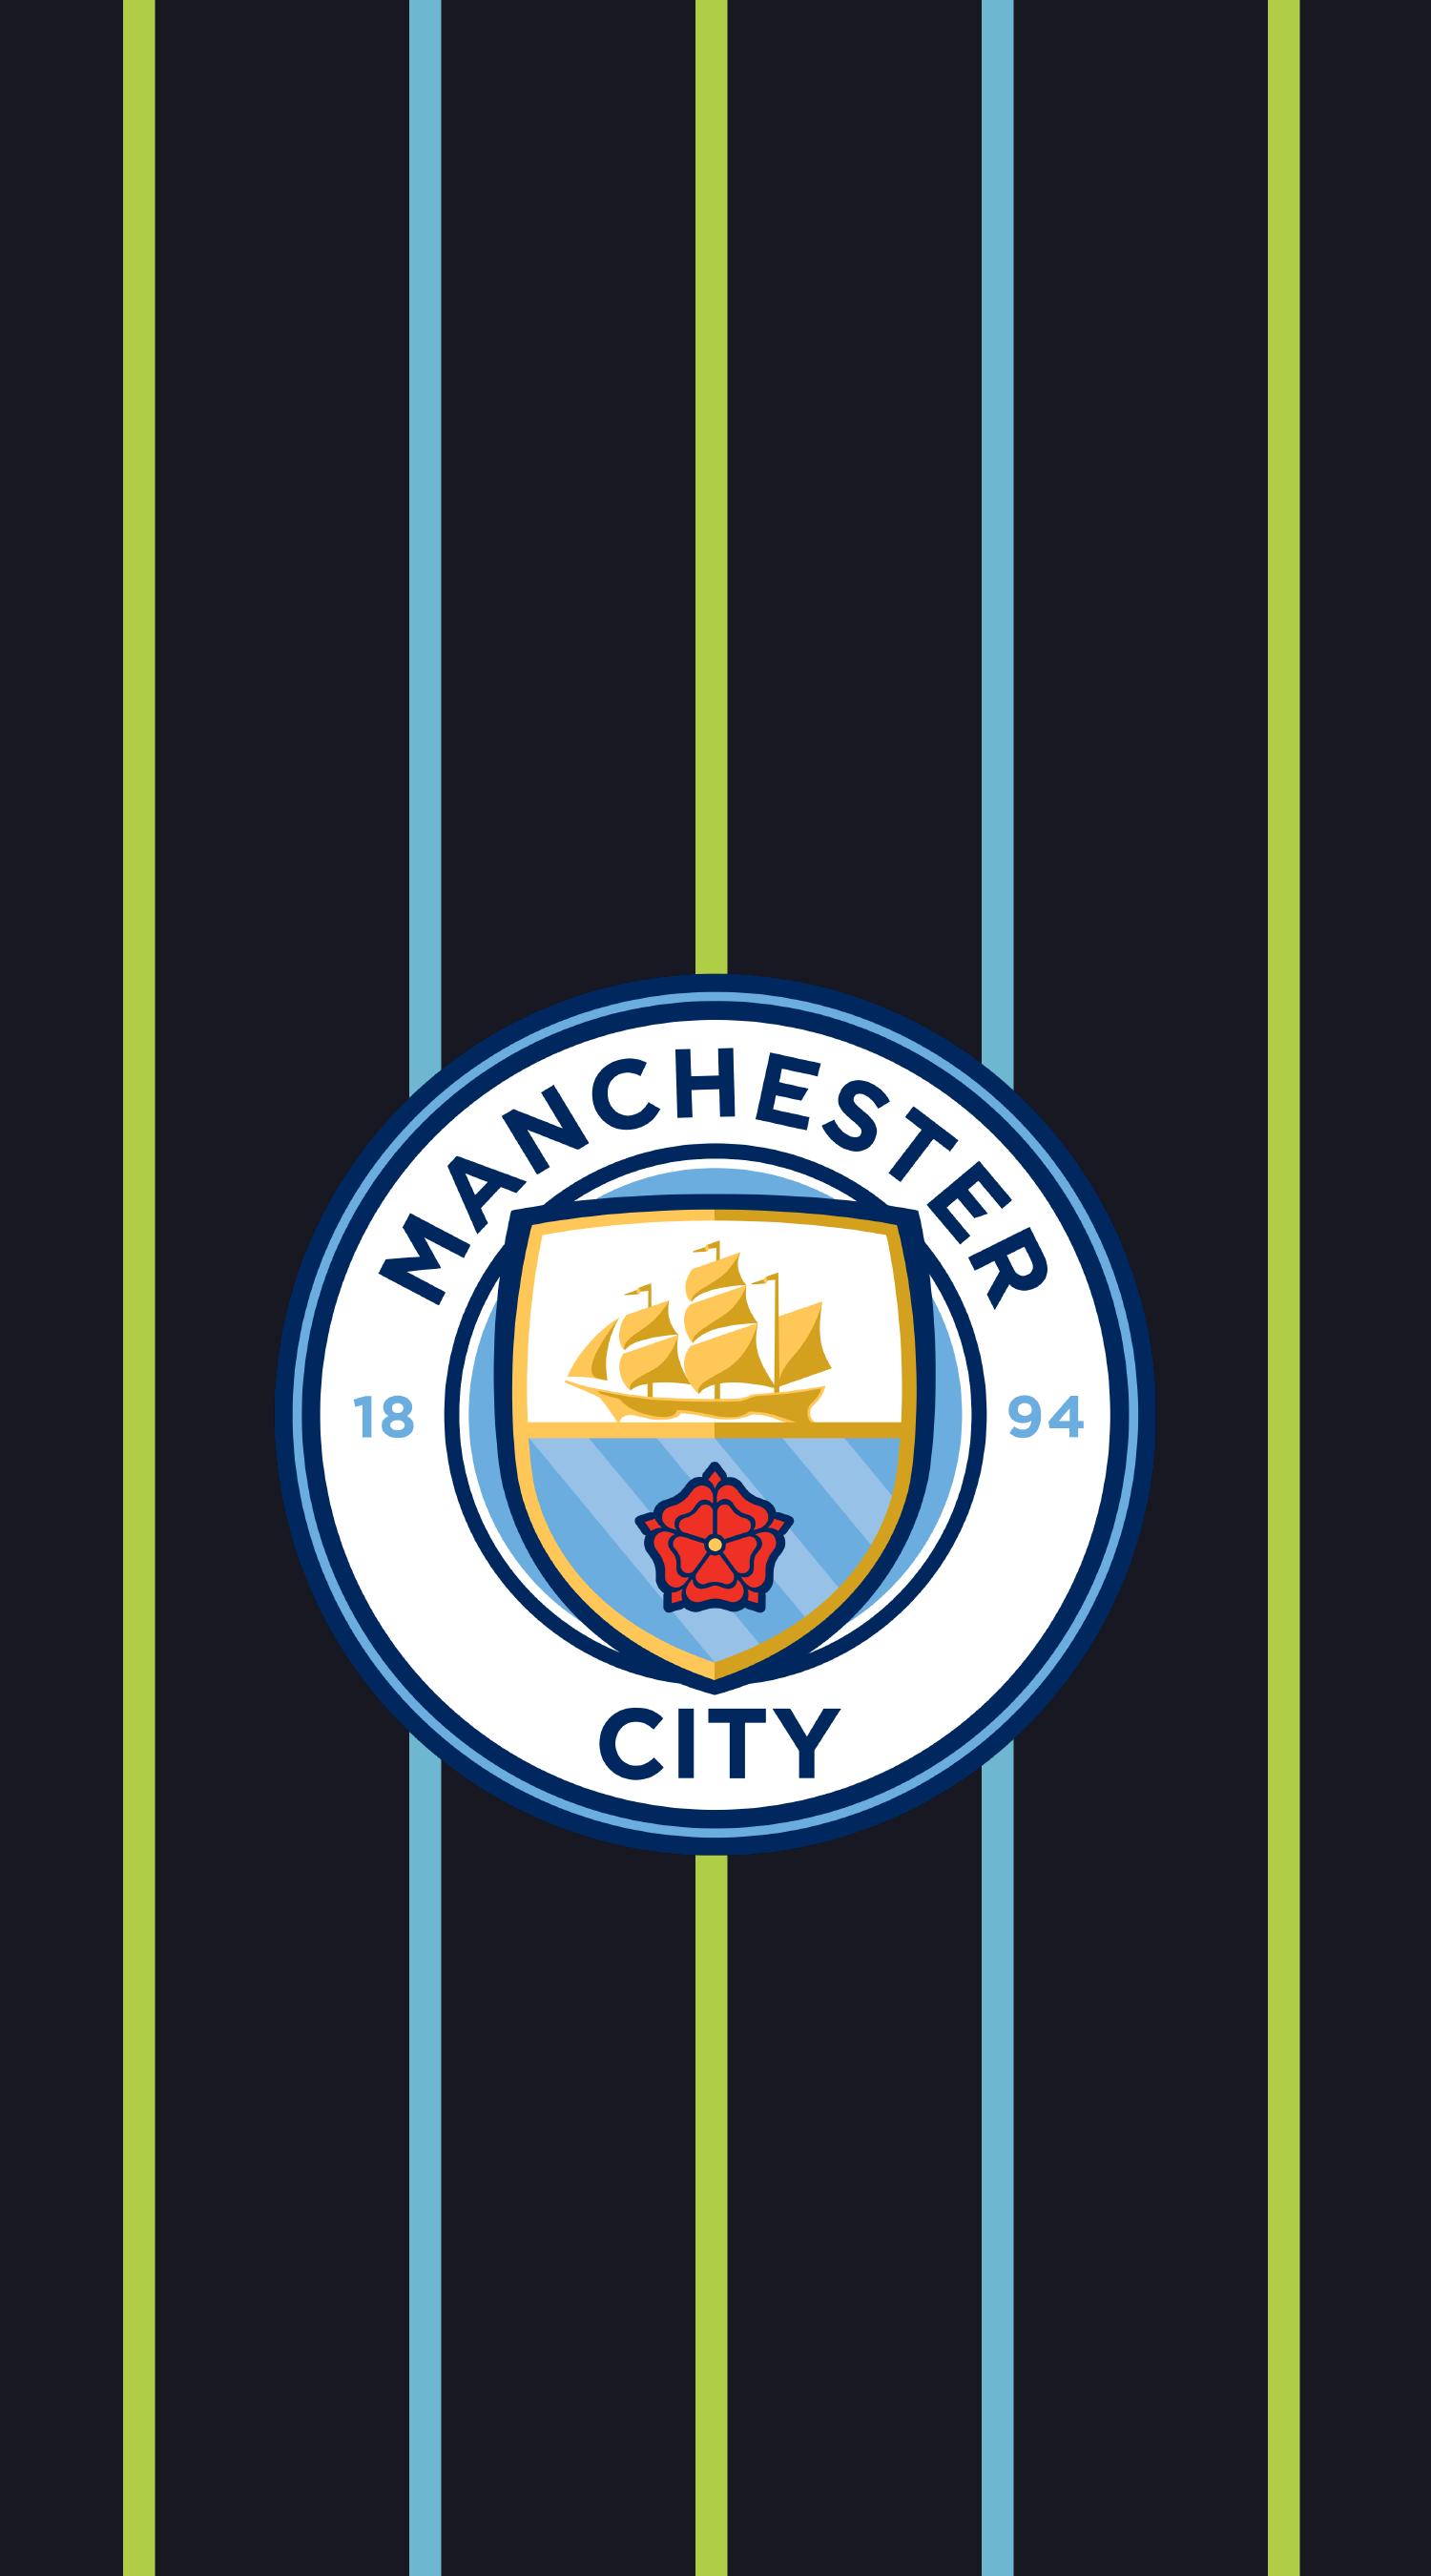 Pin Oleh Airdragger Di Crests Kits Sepak Bola Liga Inggris Olahraga